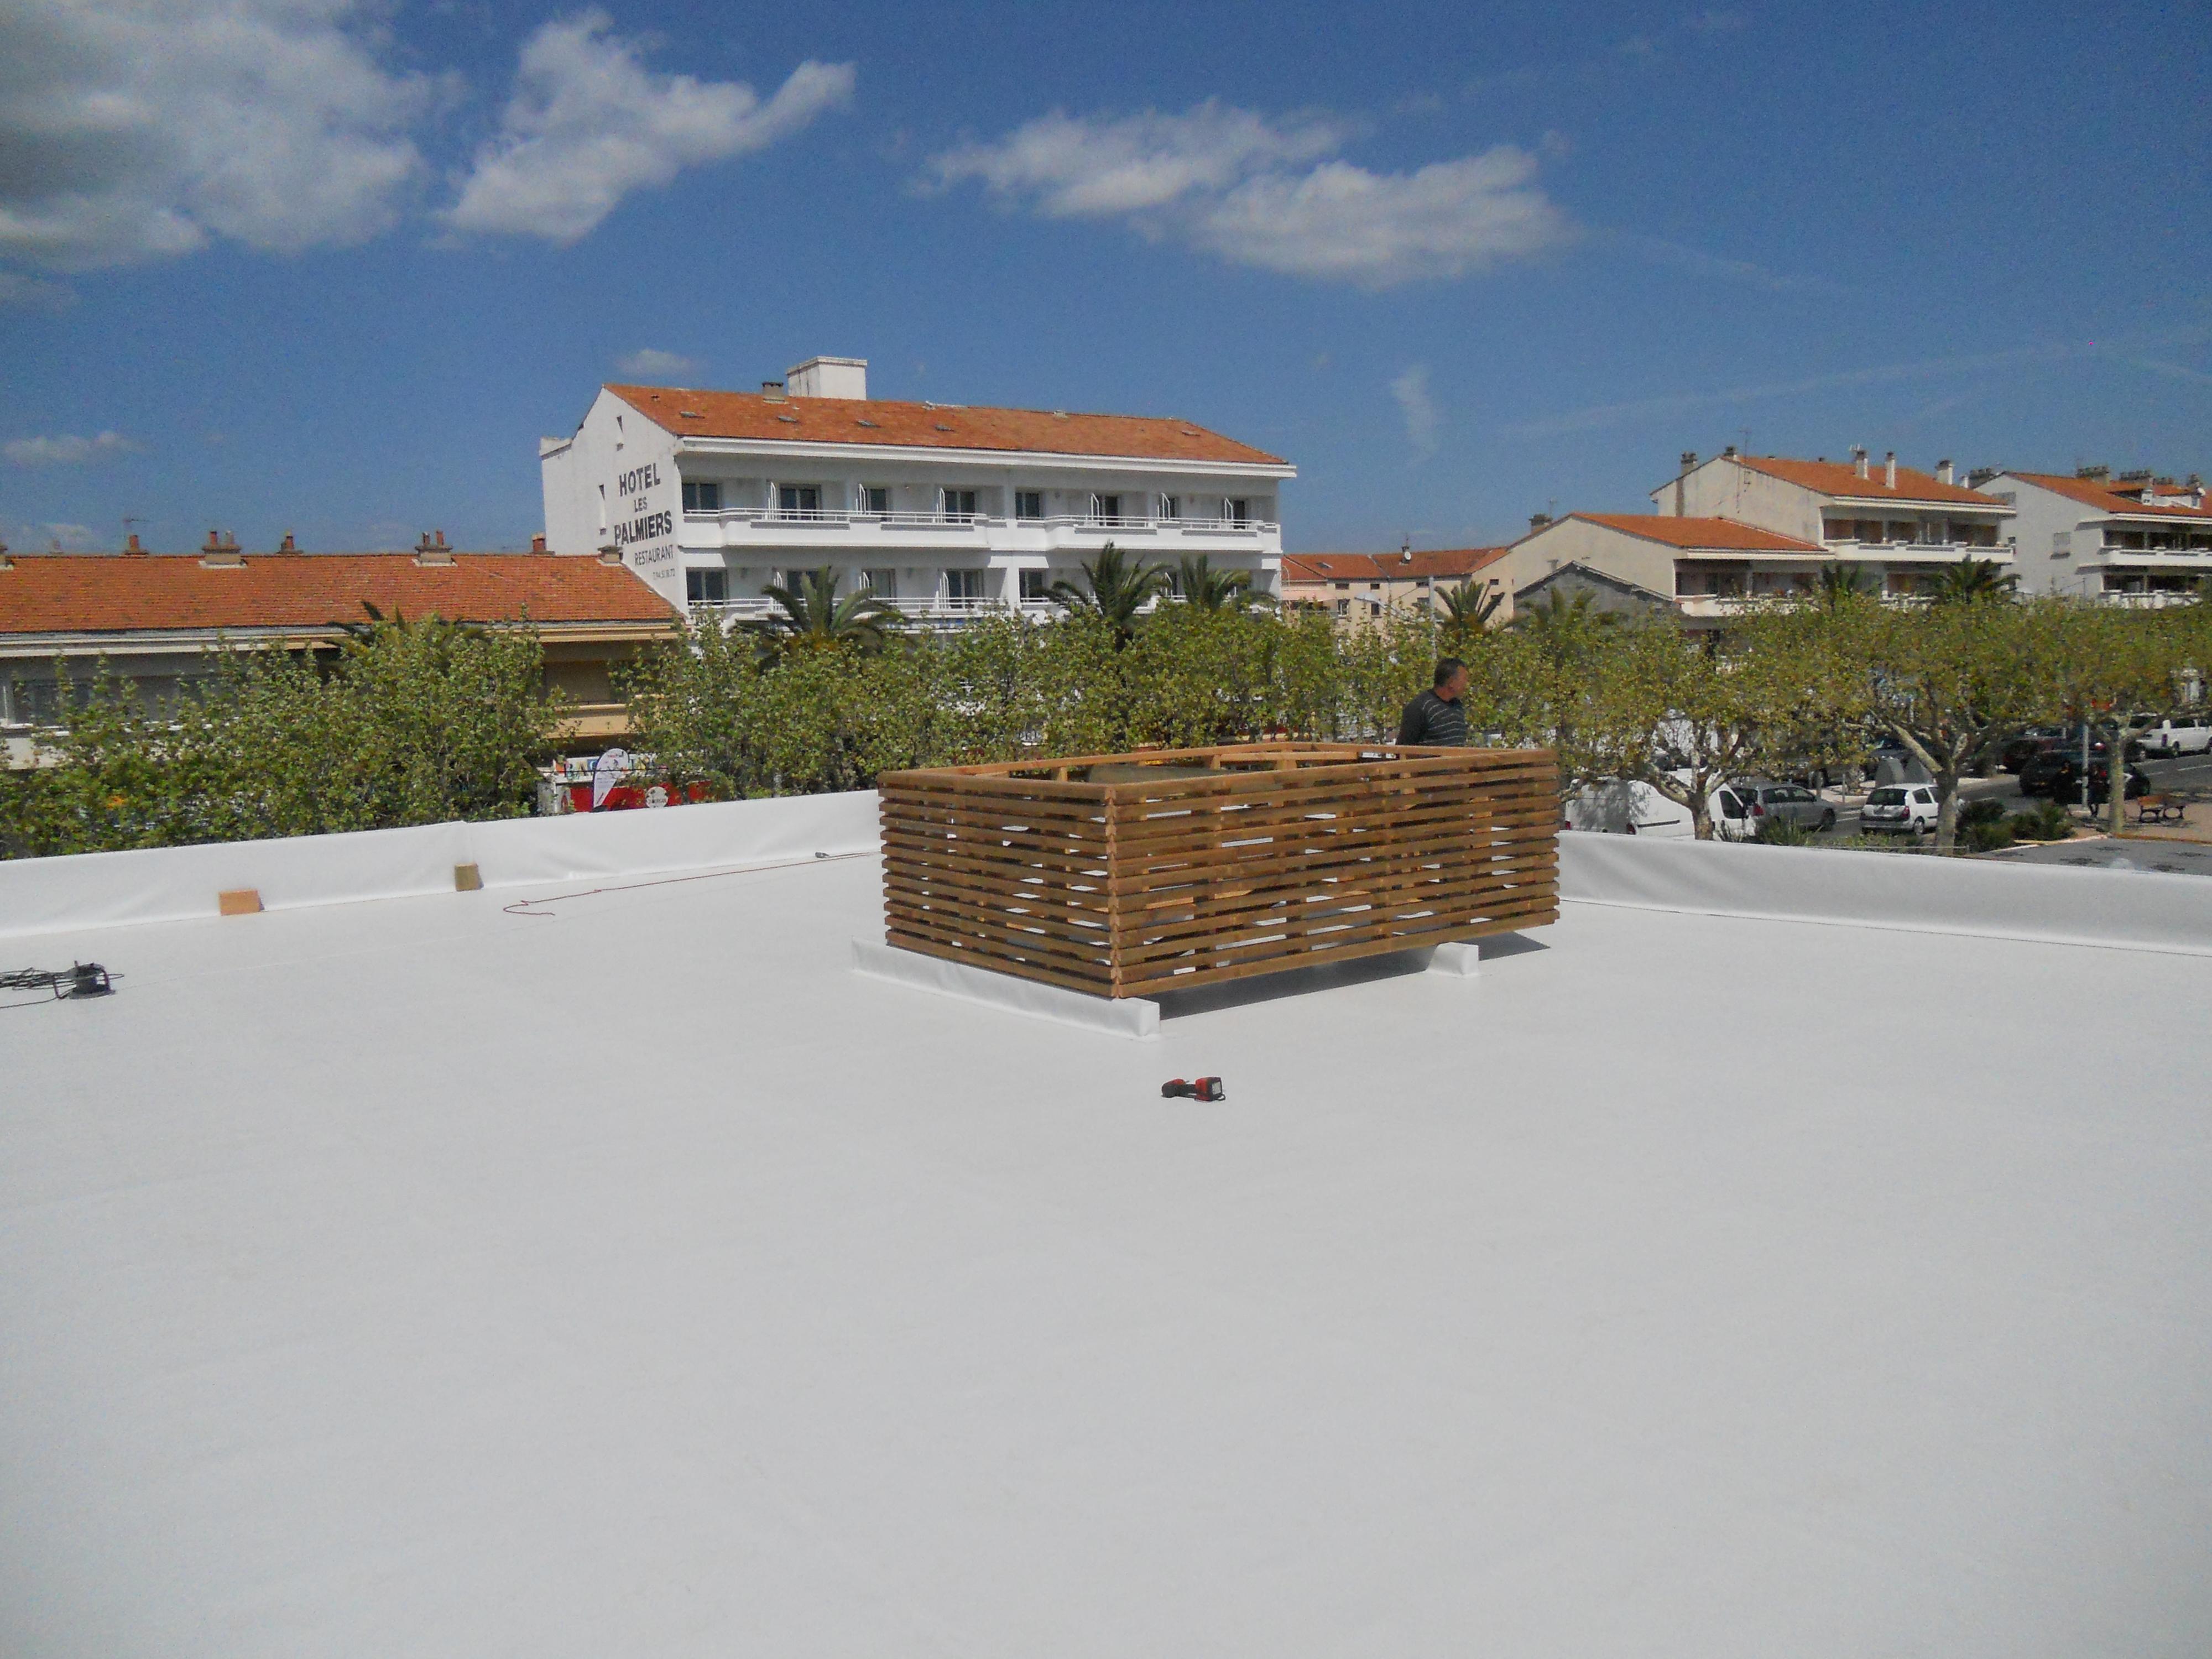 charpente bois paca obtenez des id es de design int ressantes en utilisant du. Black Bedroom Furniture Sets. Home Design Ideas